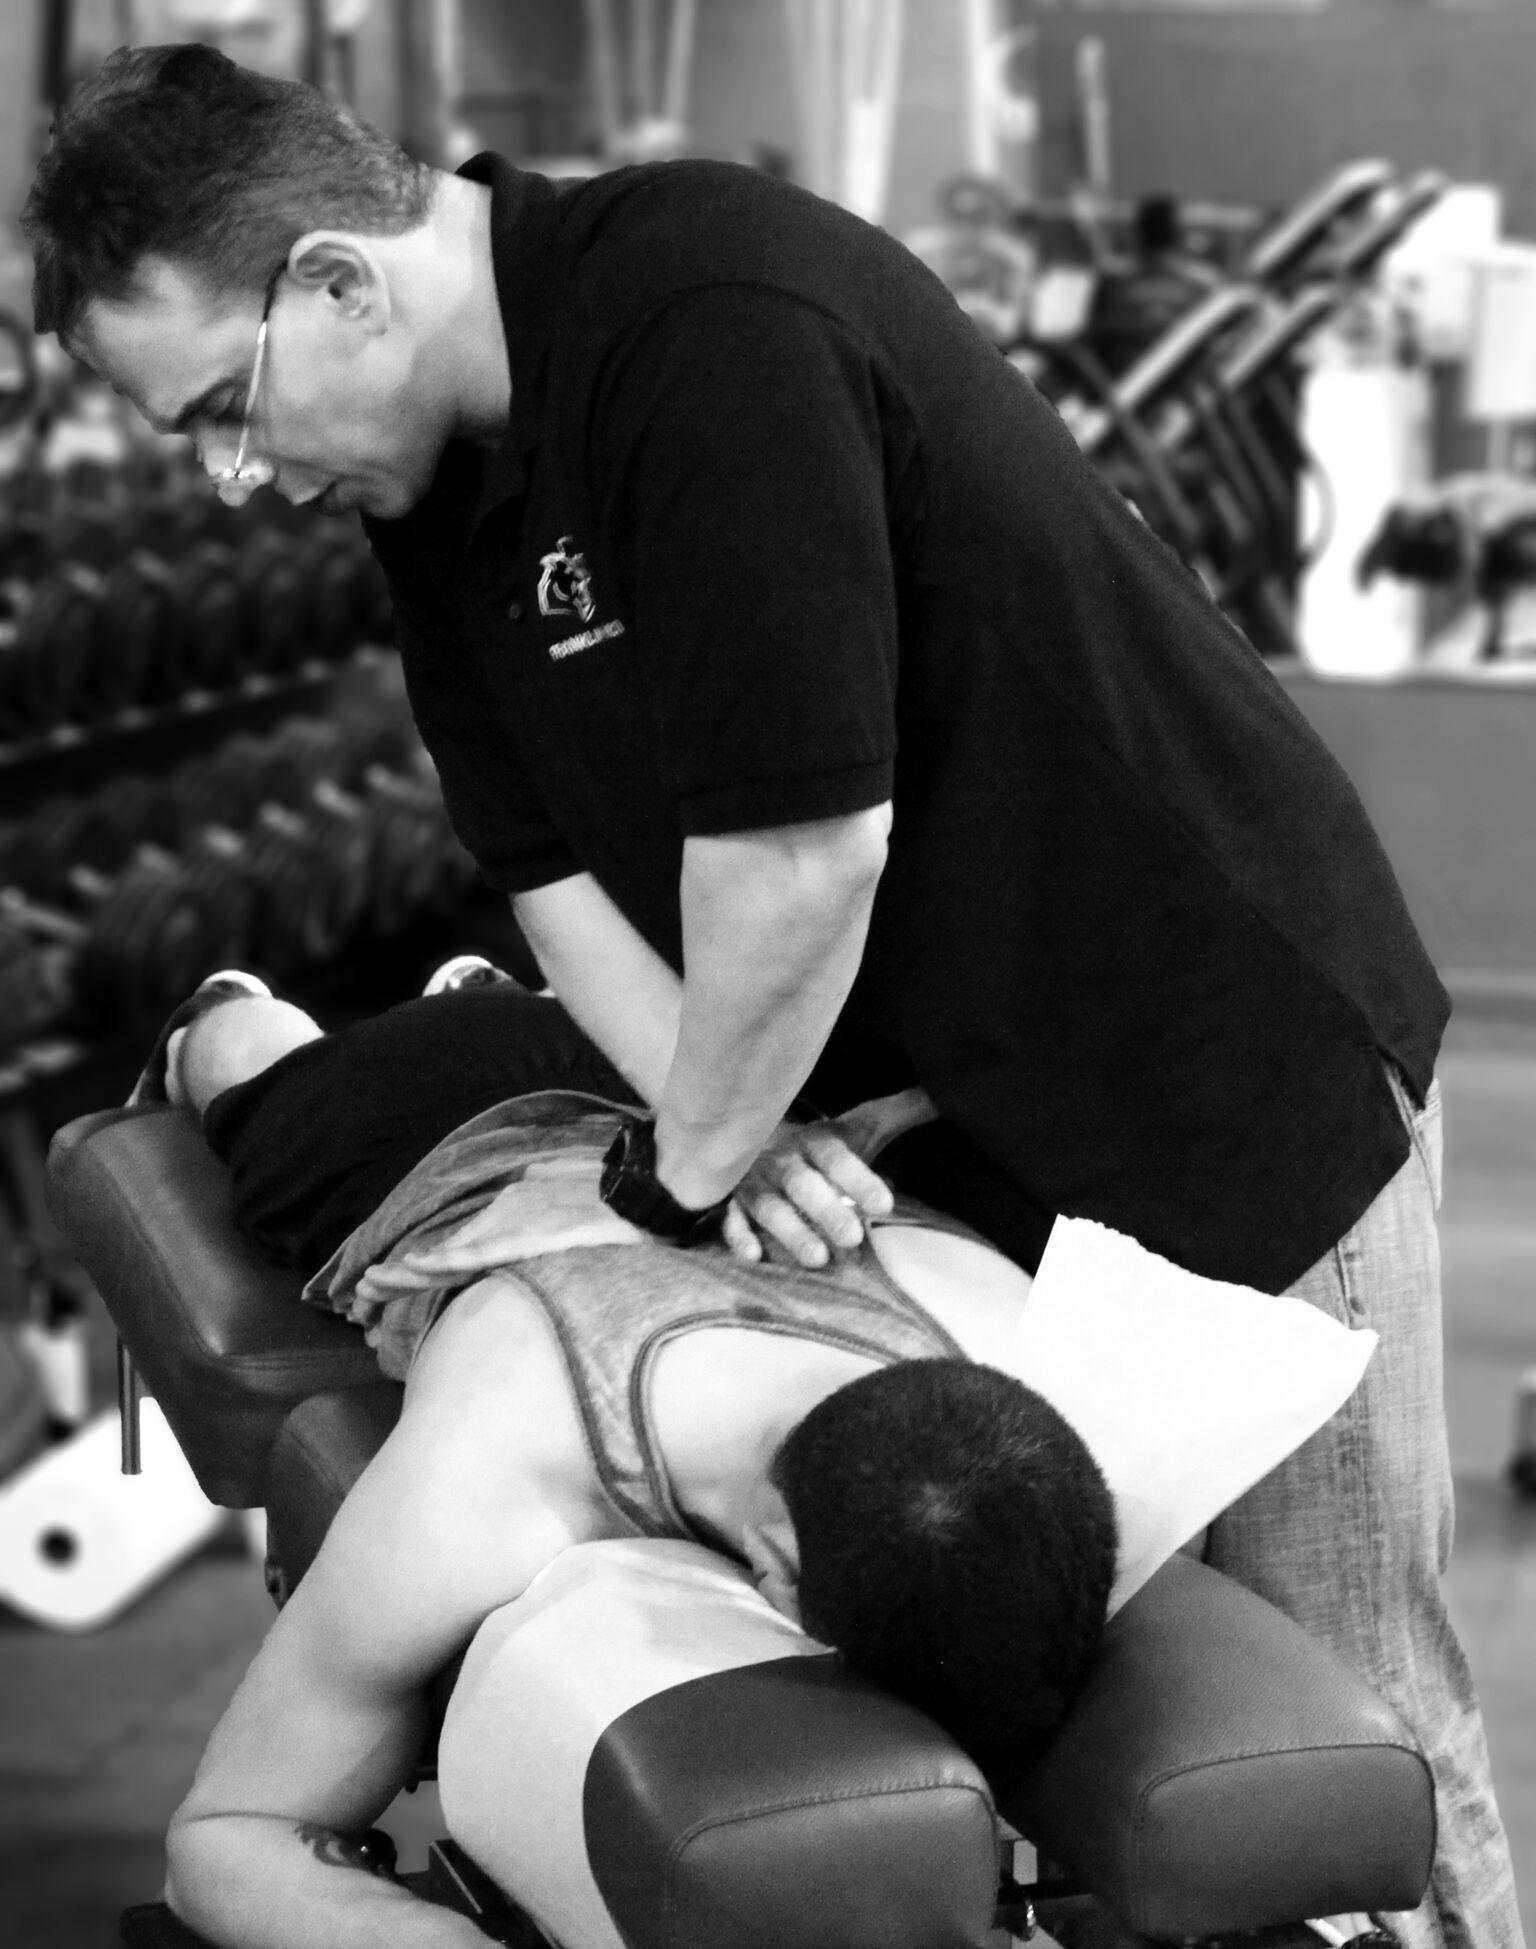 Д-р Хименес работает над обратным лечением на соревновании Push Crossfit_01 BW_preview